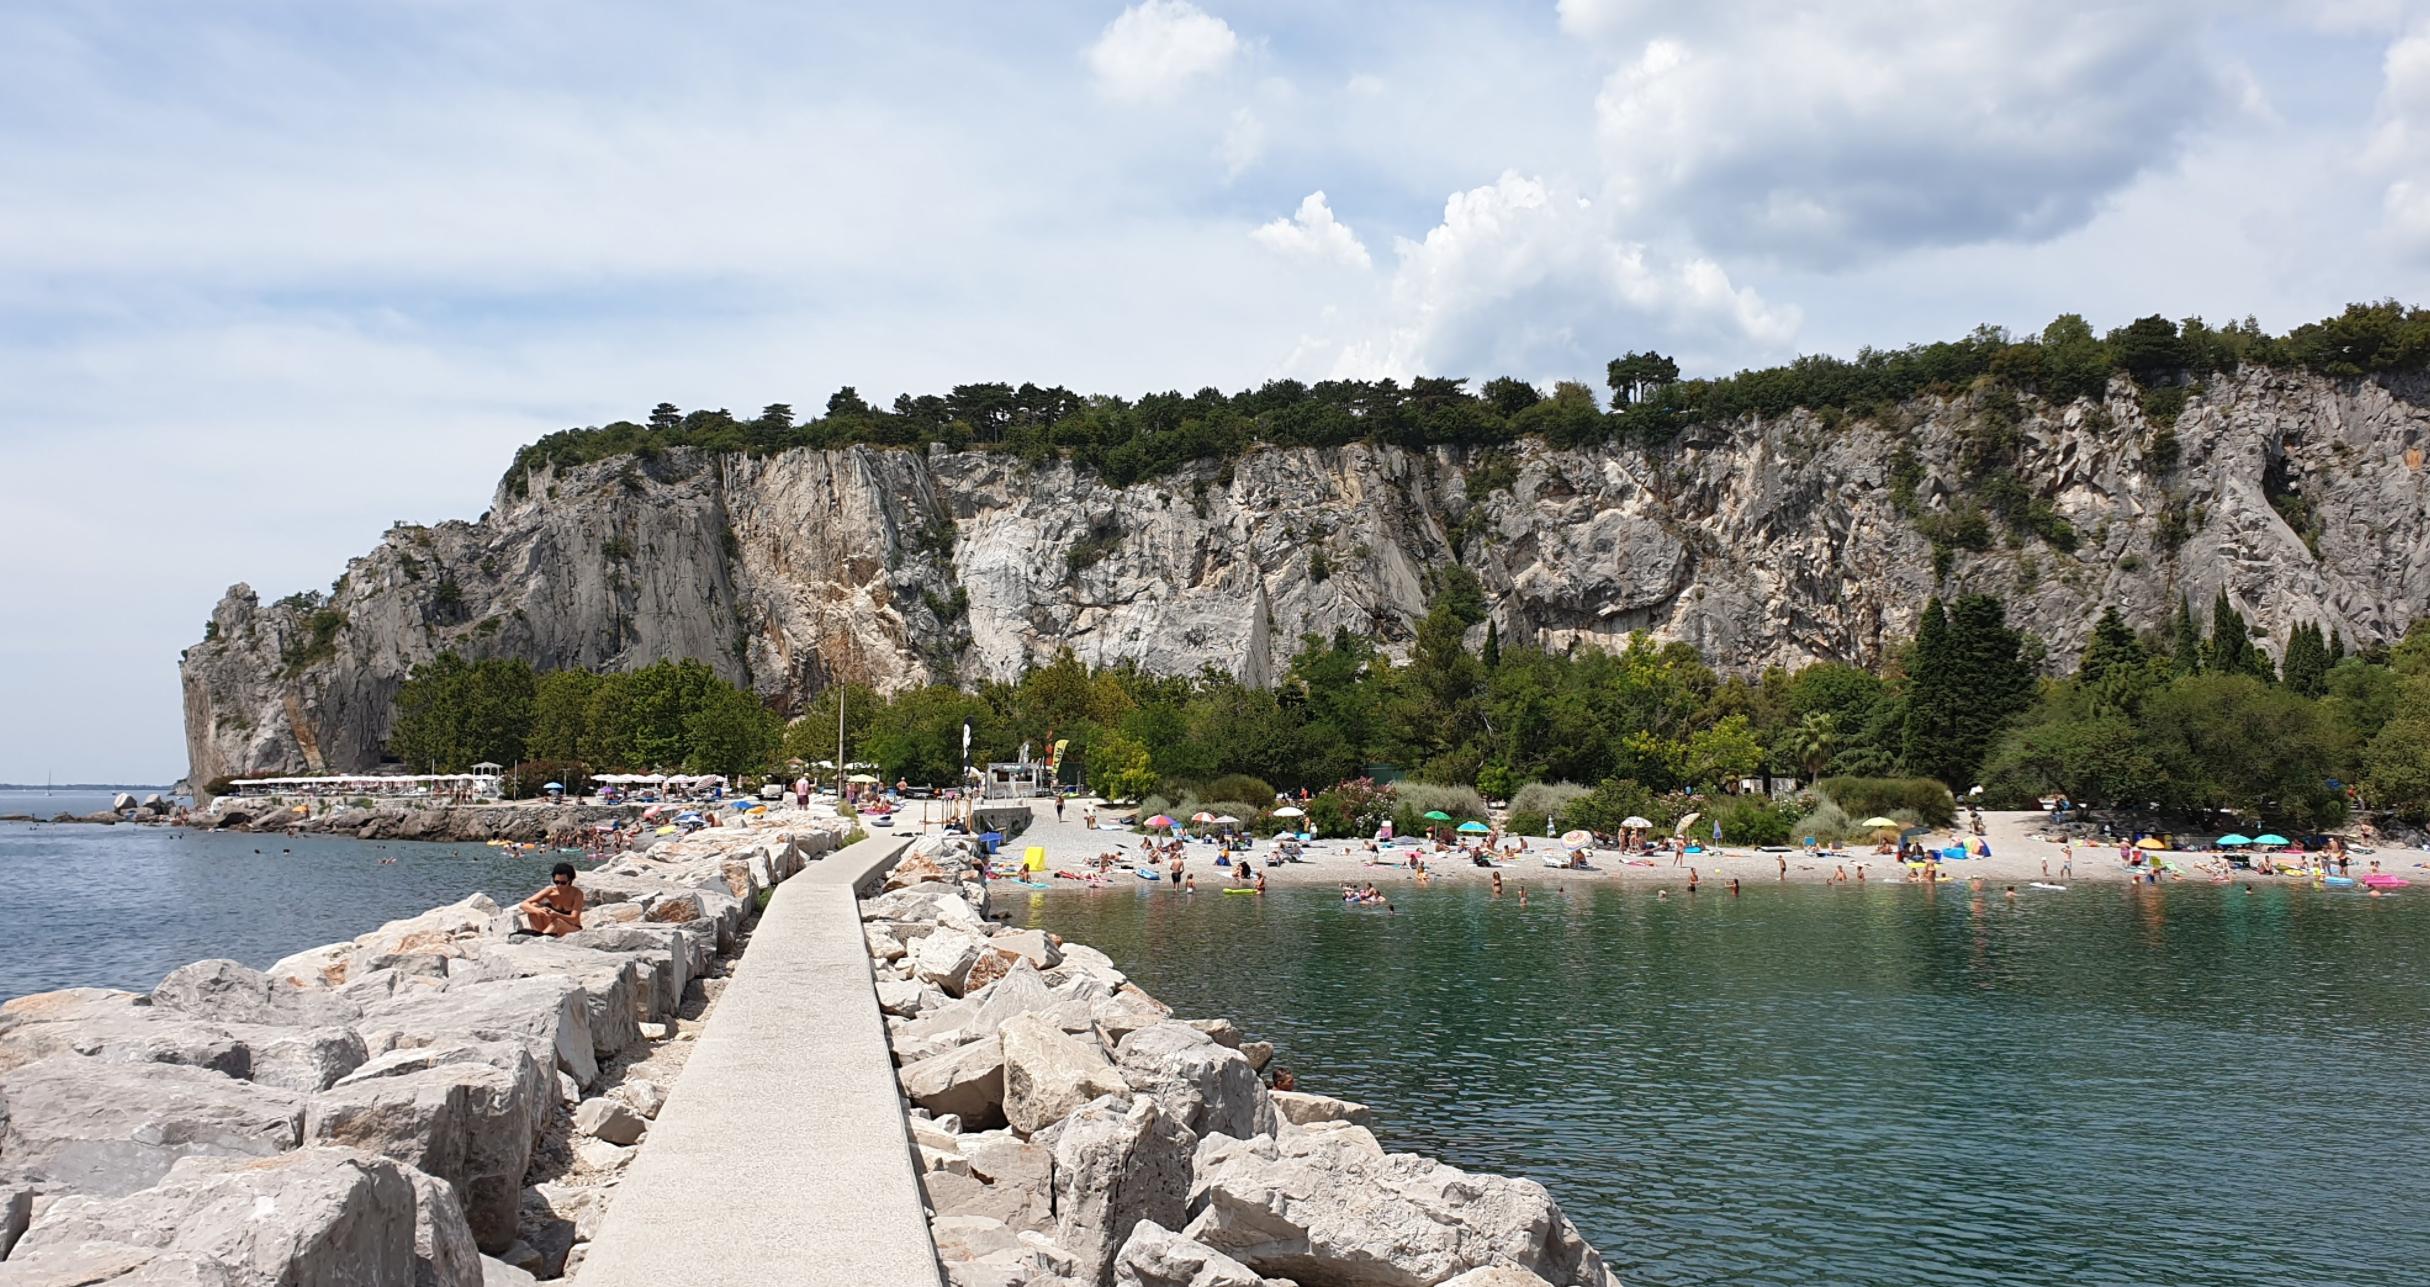 Caravella Beach